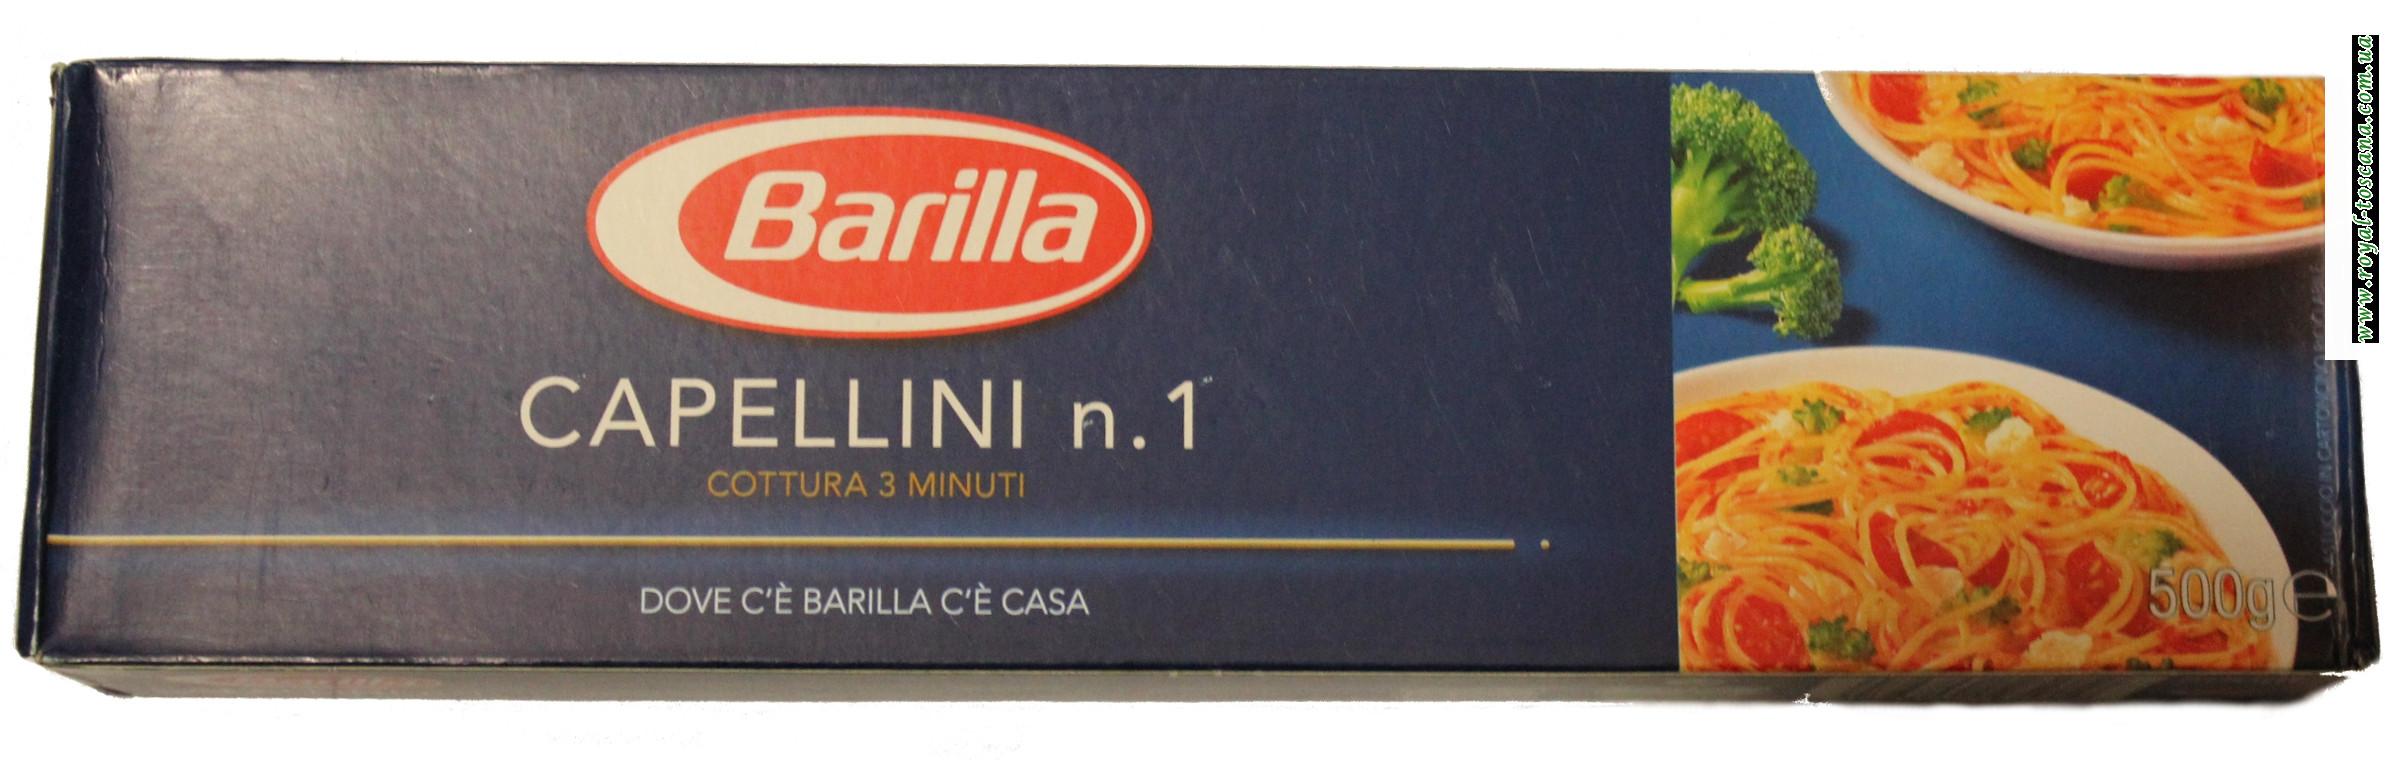 Макароны Barilla Capellini n.1